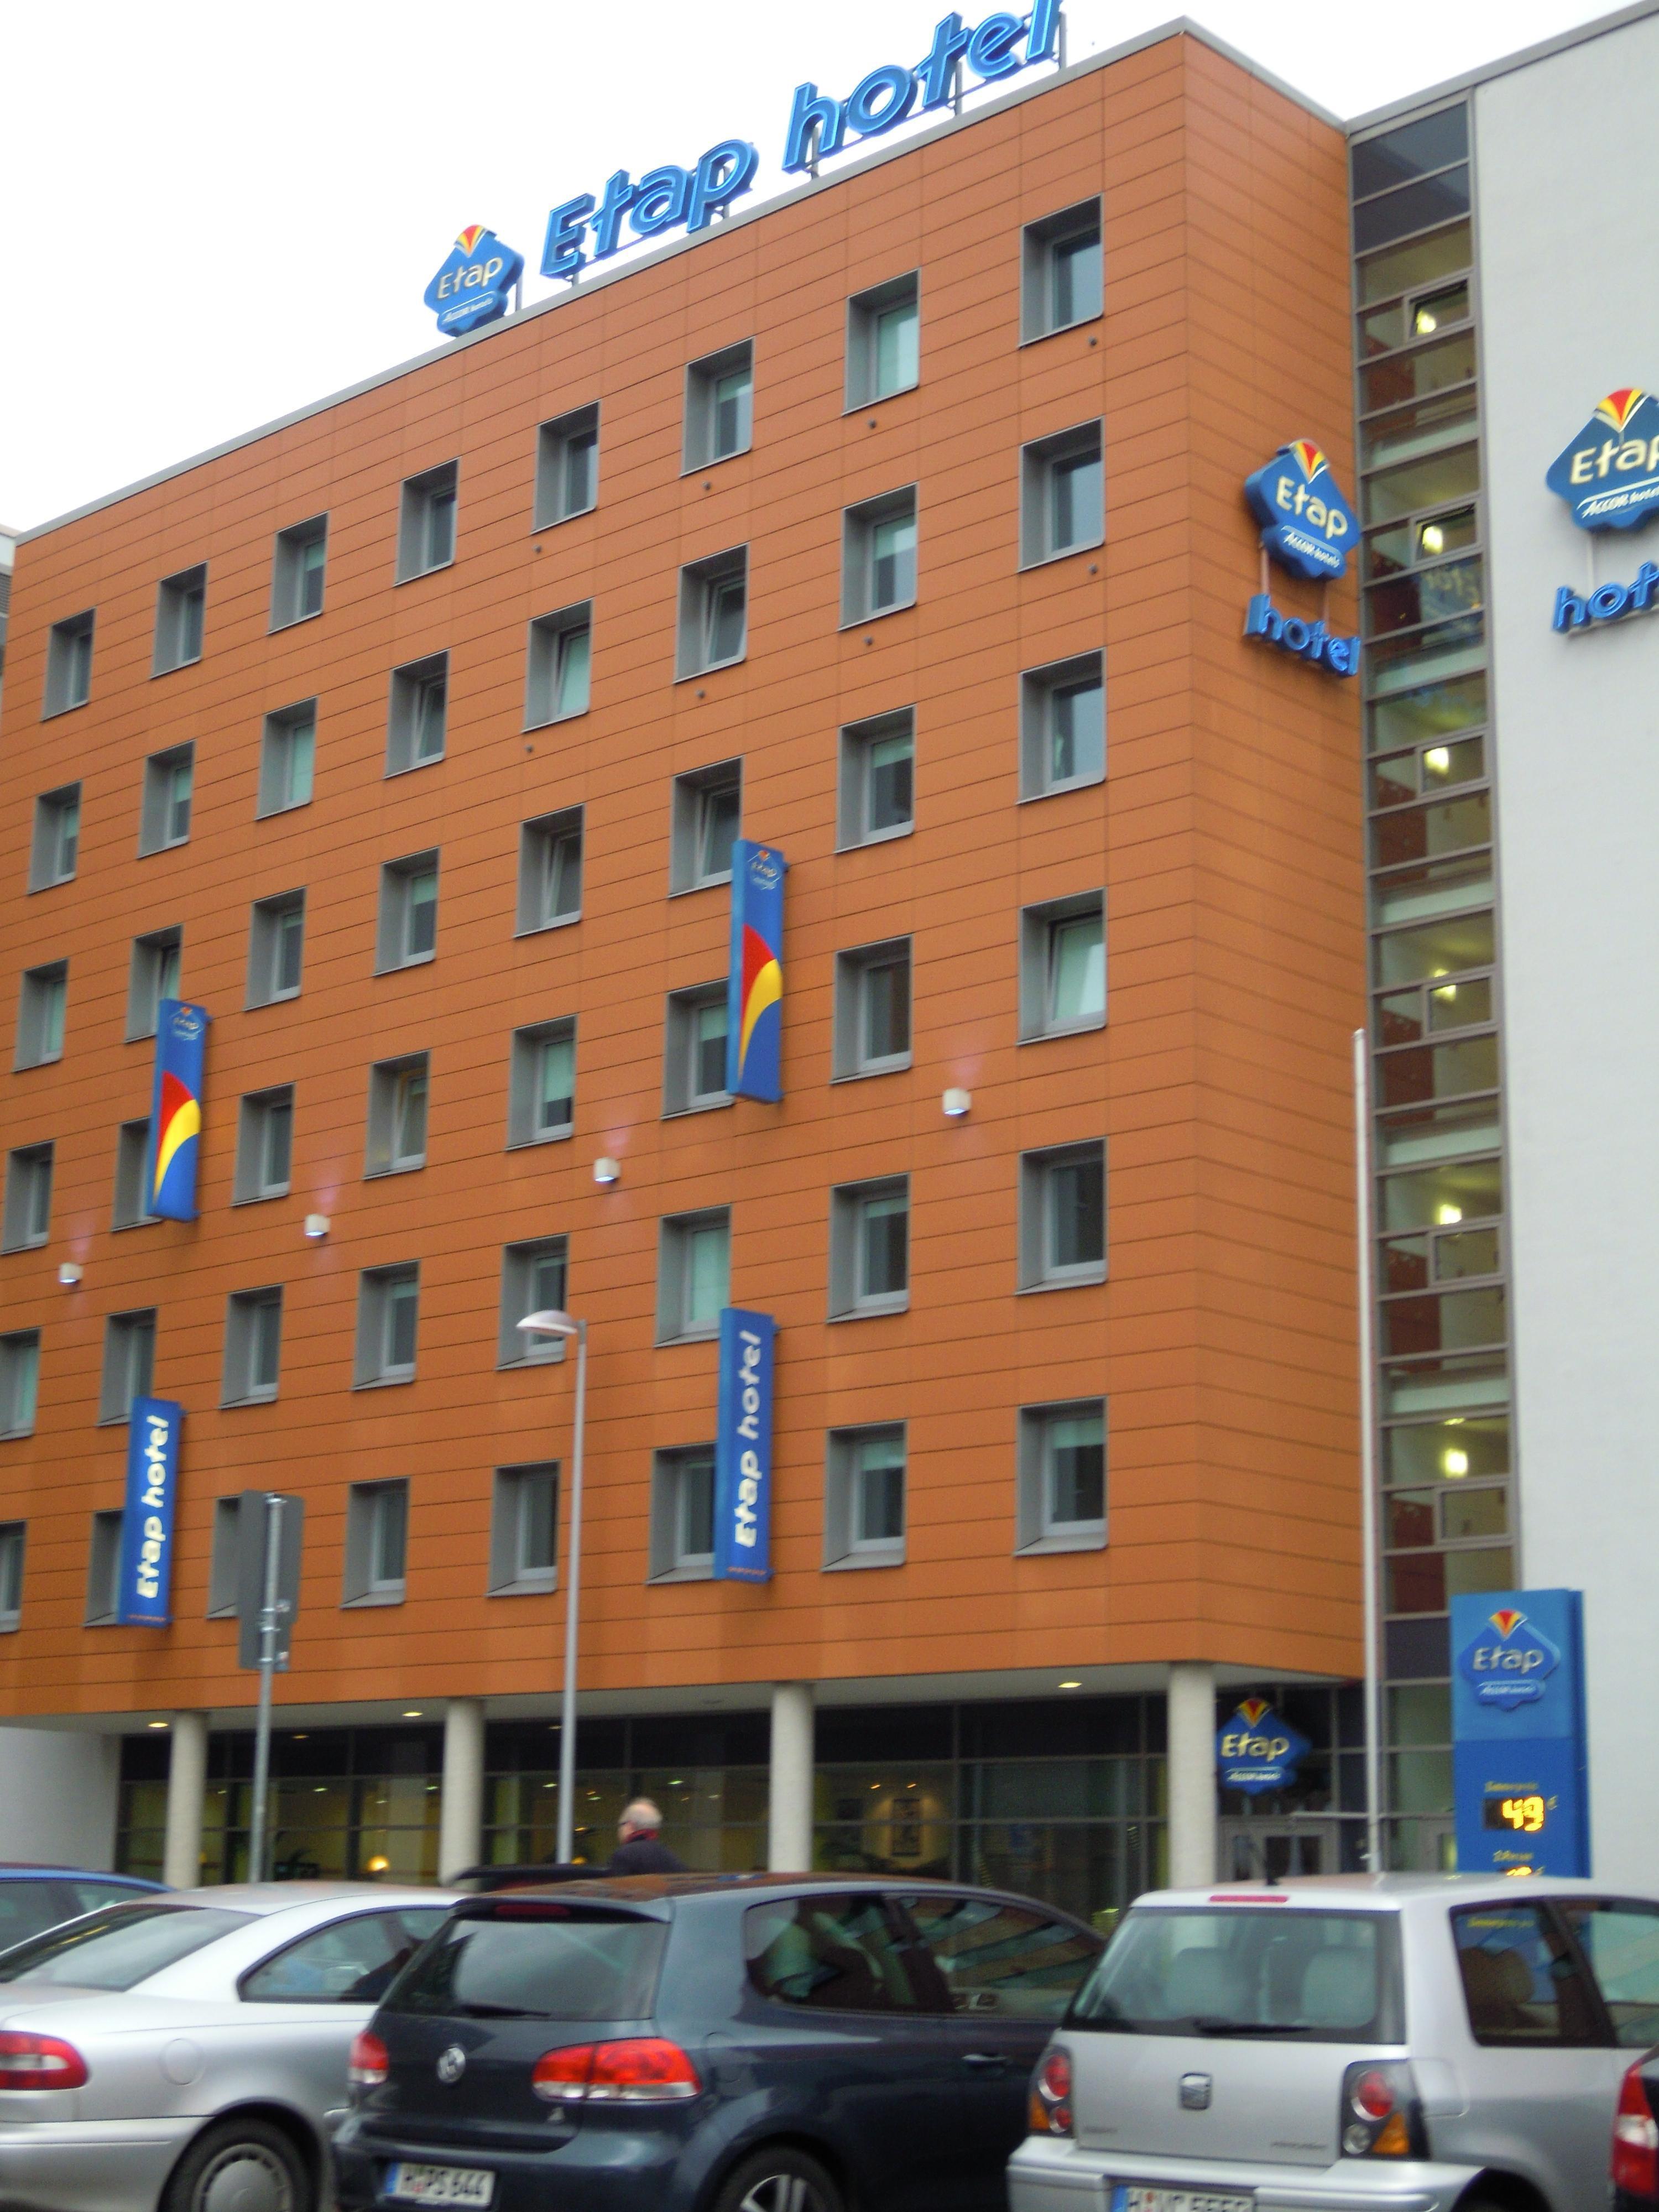 ibis budget hotel hannover hauptbahnhof in hannover holidaycheck niedersachsen deutschland. Black Bedroom Furniture Sets. Home Design Ideas